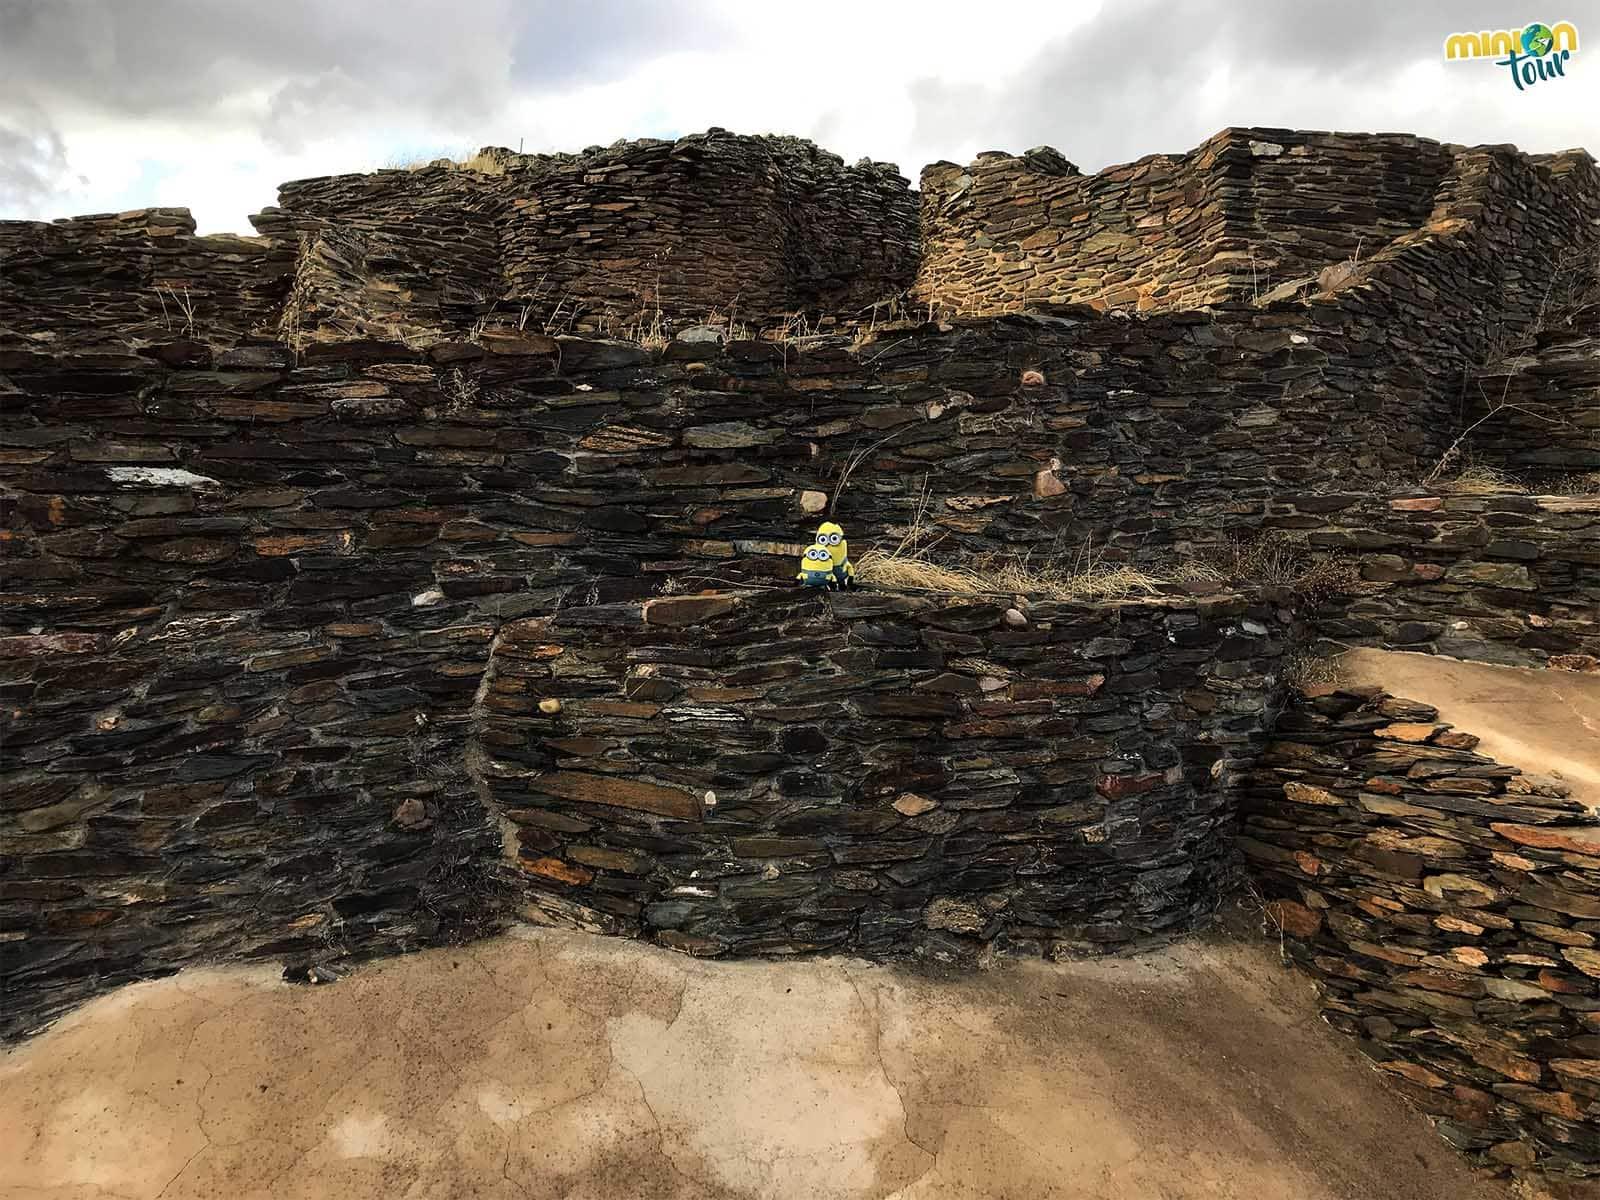 De ruta hacia el Yacimiento Arqueológico de Peñalosa